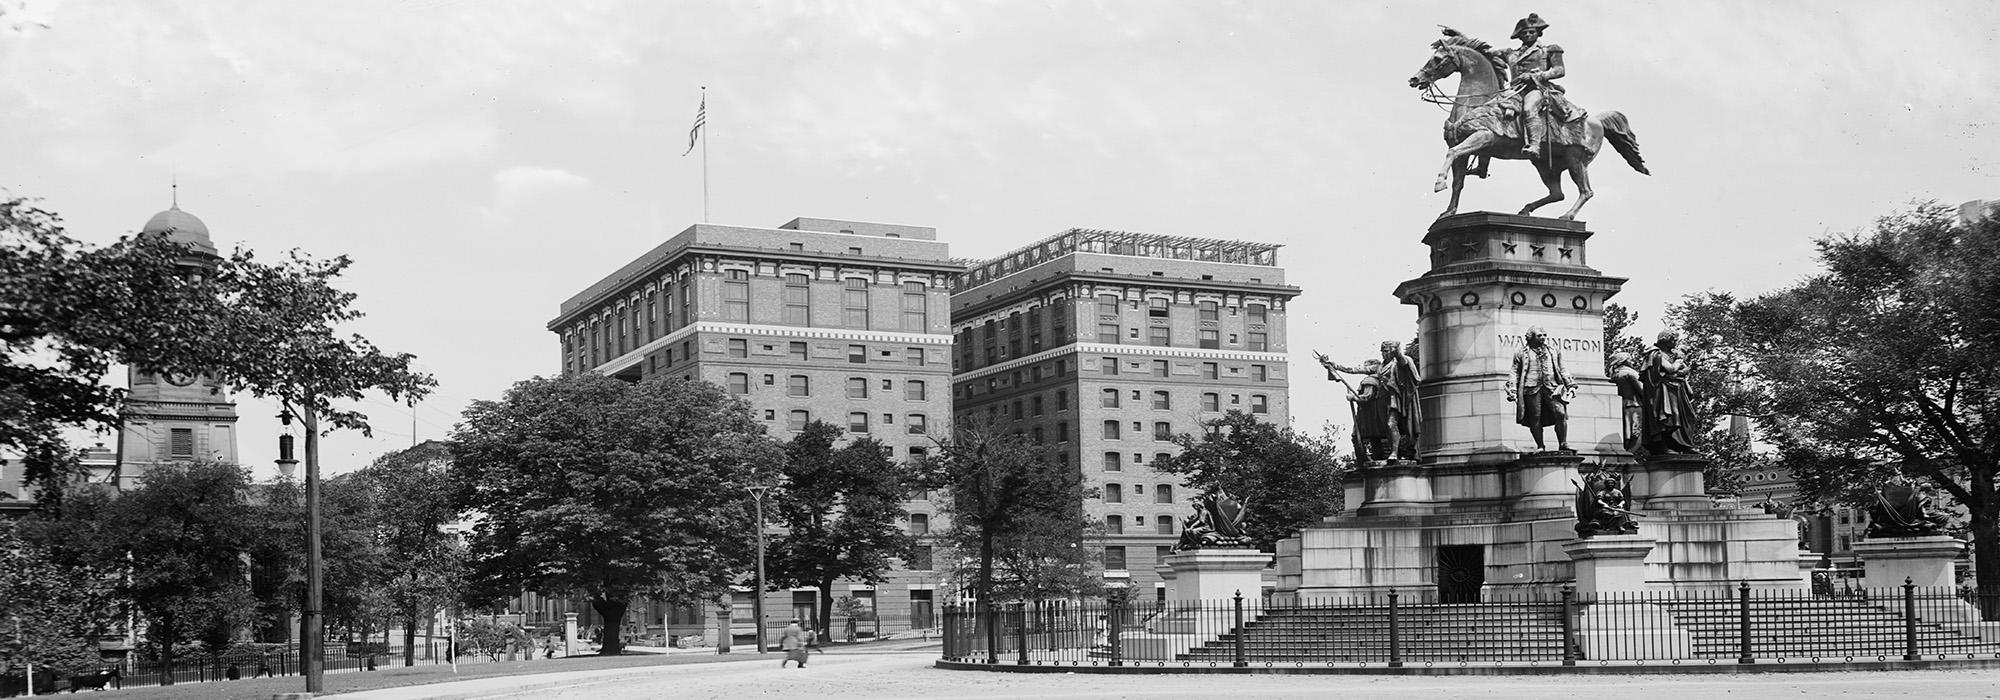 WashingtonMonument_CapitolGrounds_DetroitPublishingCo_1910.jpg